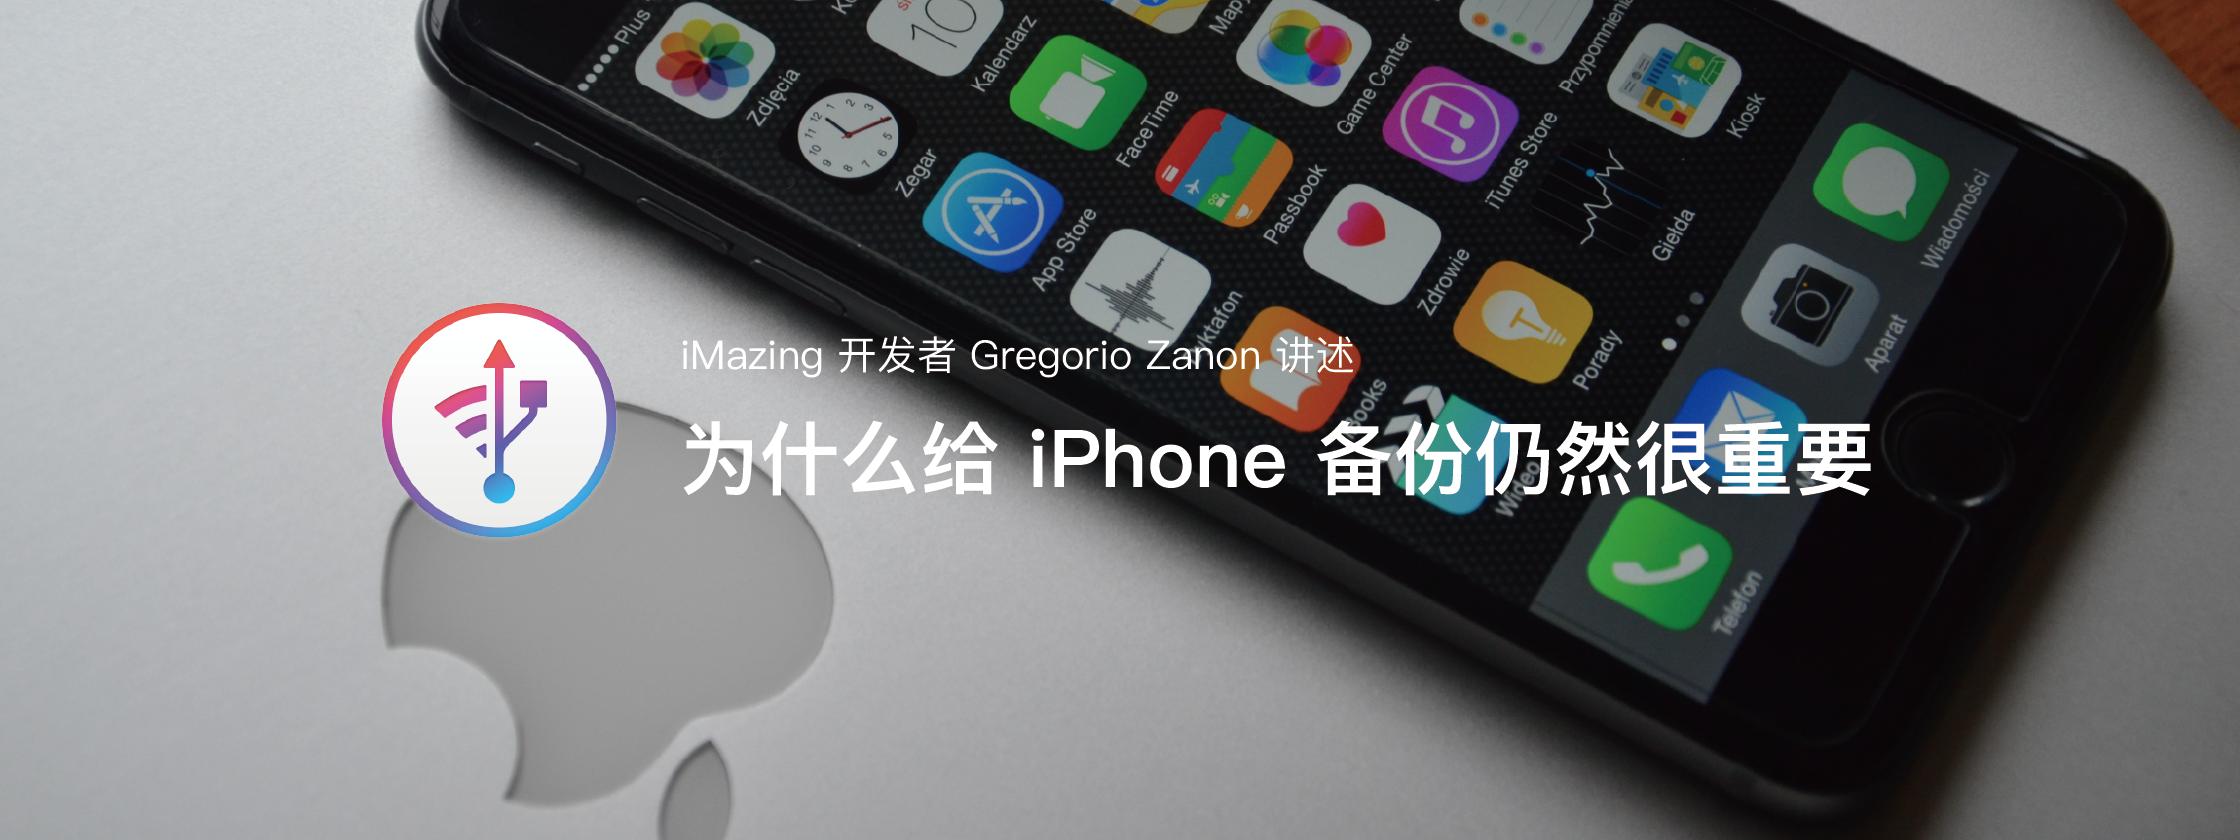 为什么给 iPhone 备份仍然很重要